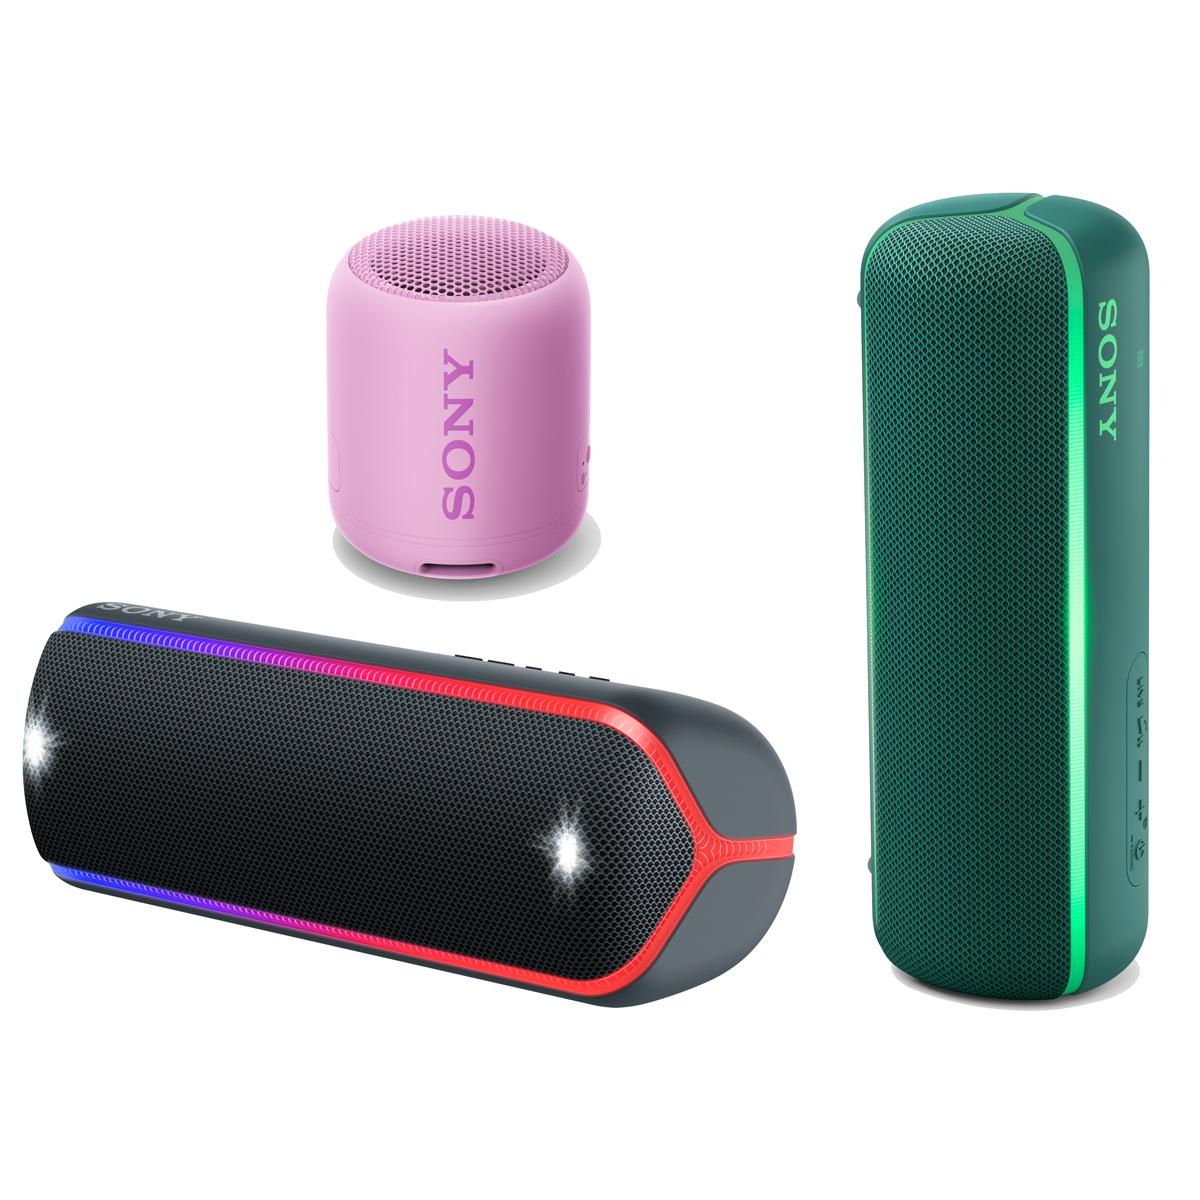 さらに高音質に!ソニーの重低音Bluetoothスピーカー「EXTRABASS」シリーズに新モデル登場